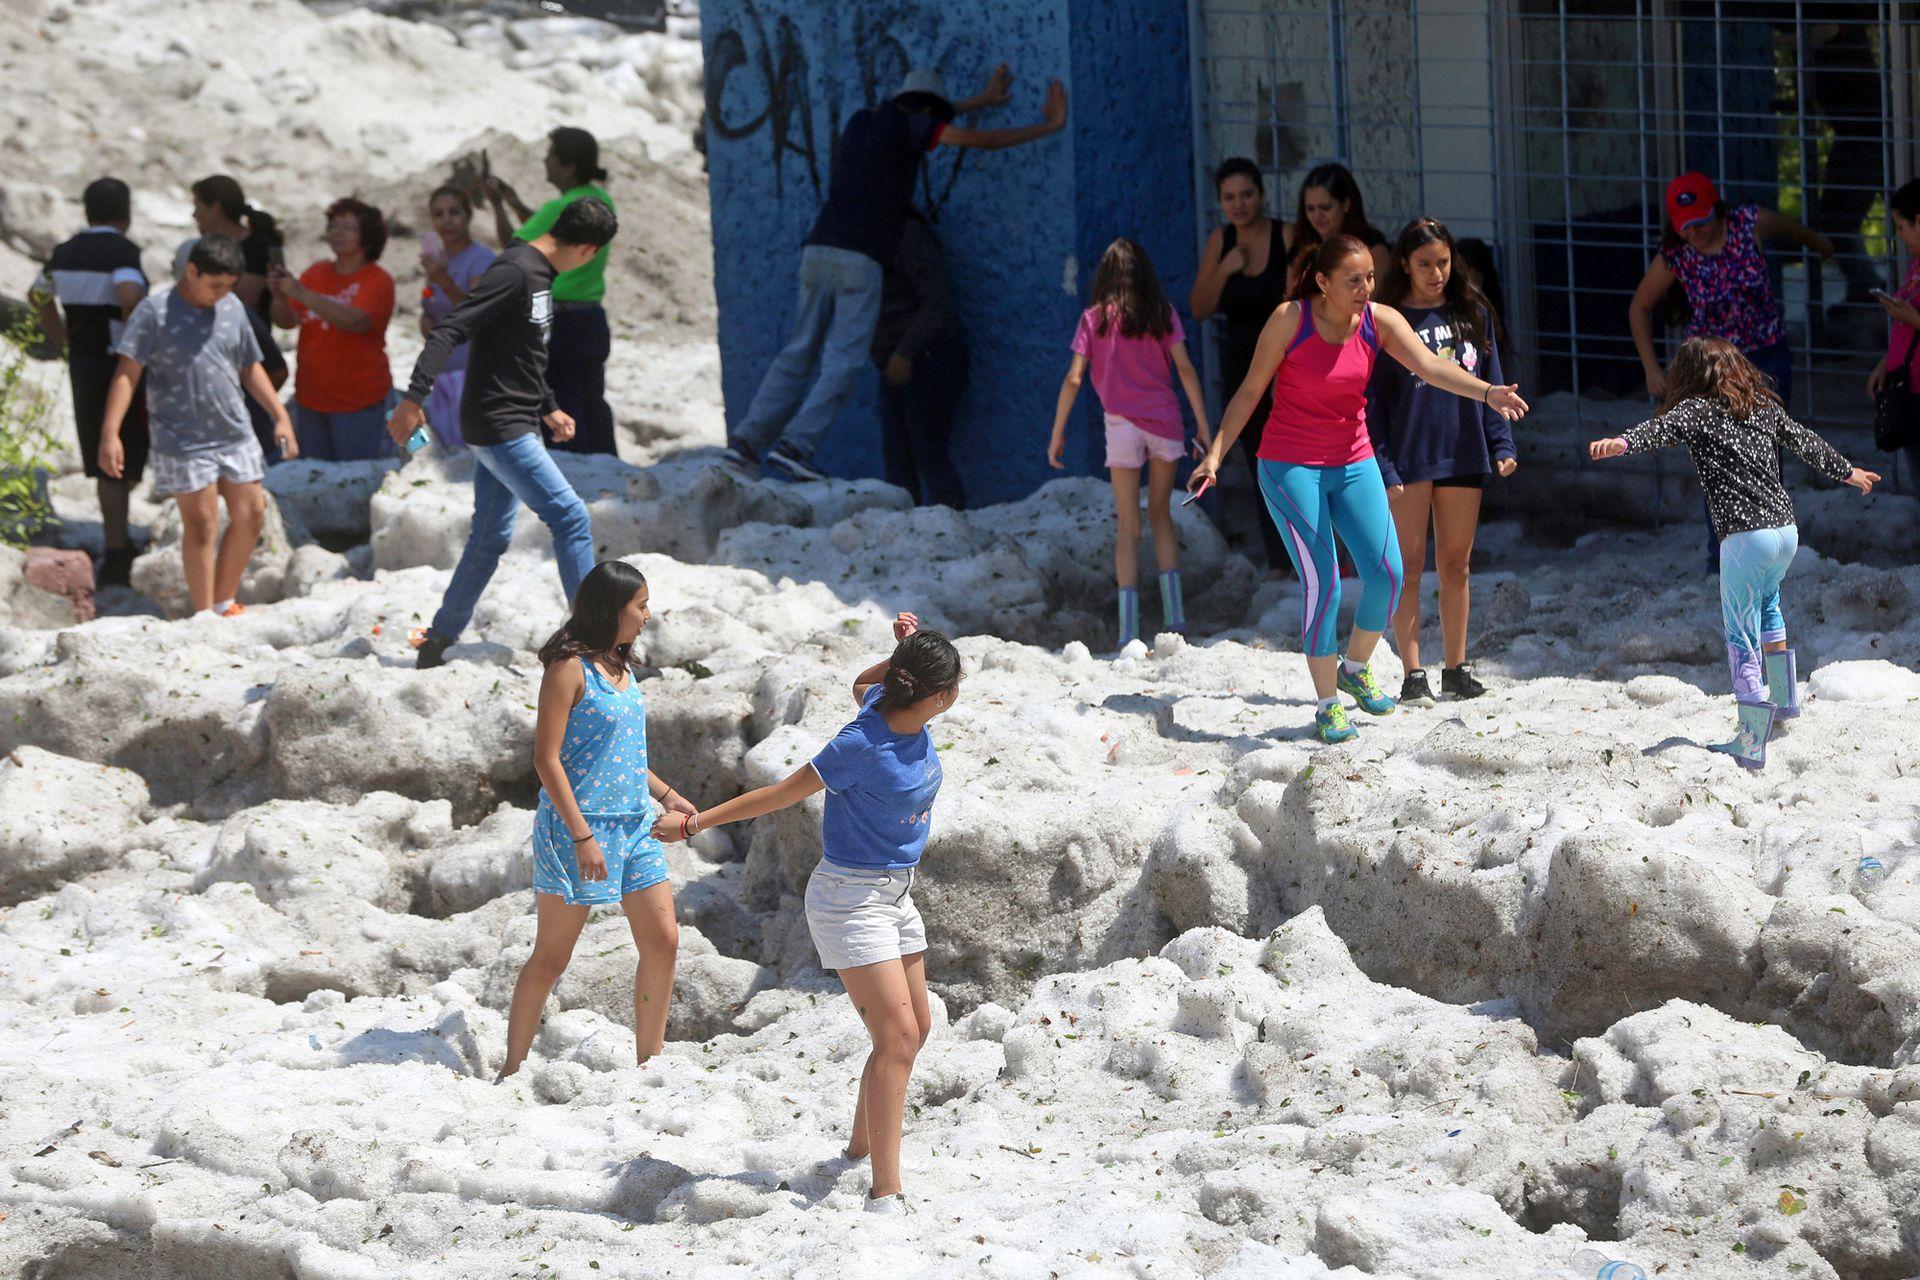 Los niños ajenos a los daños causados por el fenómeno, aprovecharon para jugar en el hielo acumulado